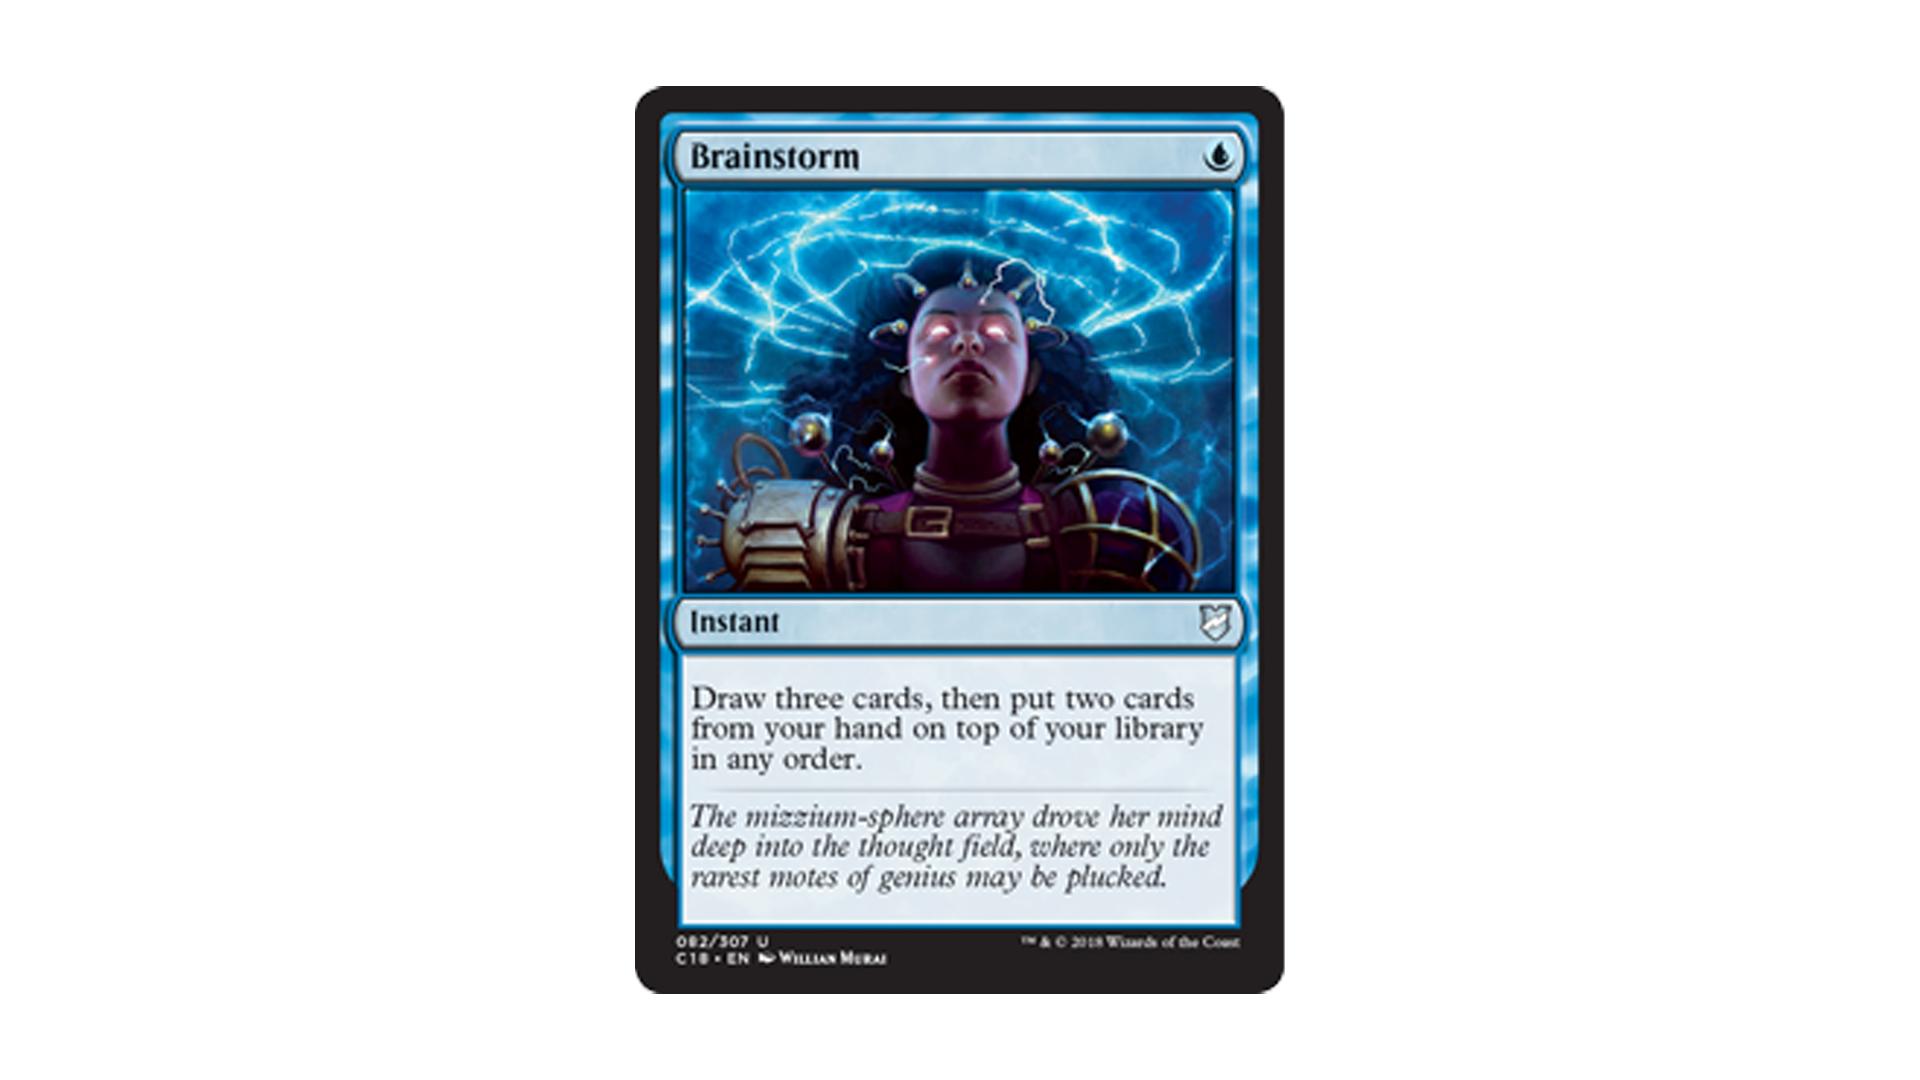 mtg-card-brainstorm.jpeg